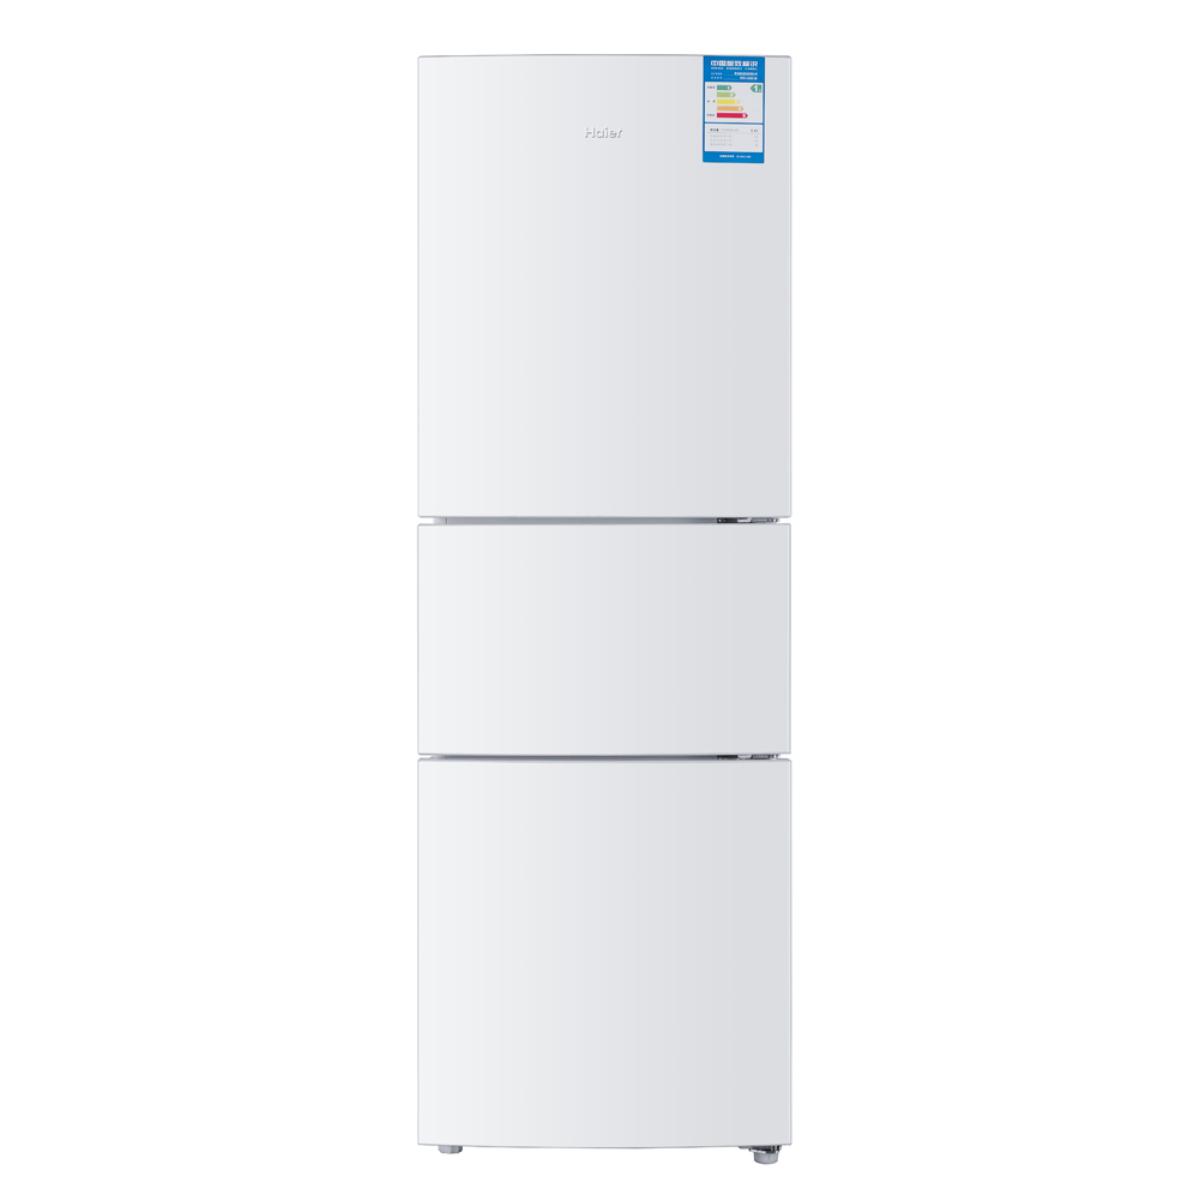 海尔Haier冰箱 BCD-228S1 说明书